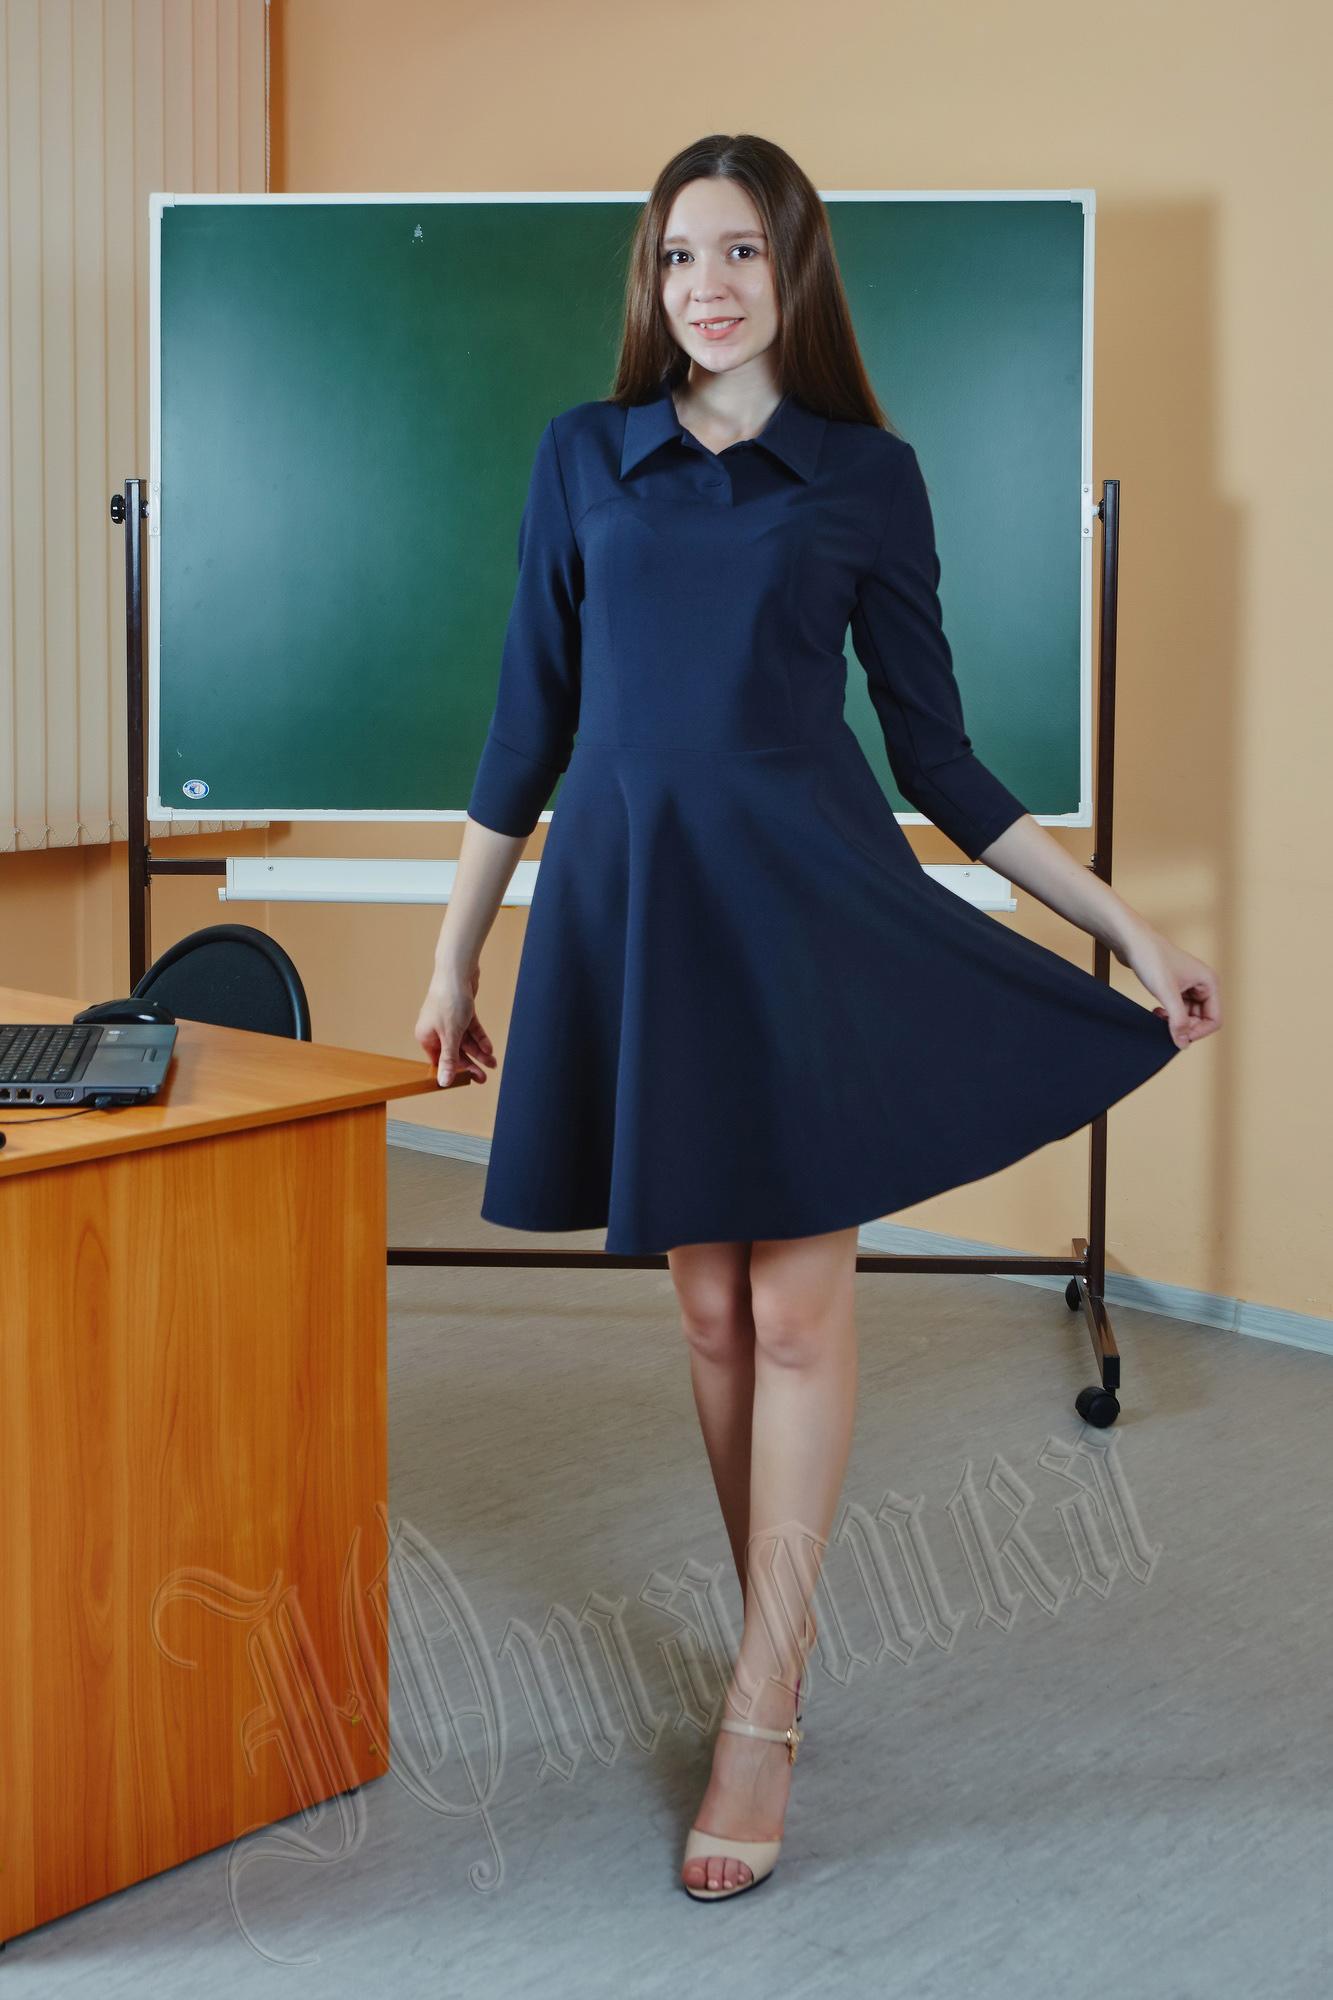 Школьное платье для старшеклассницы